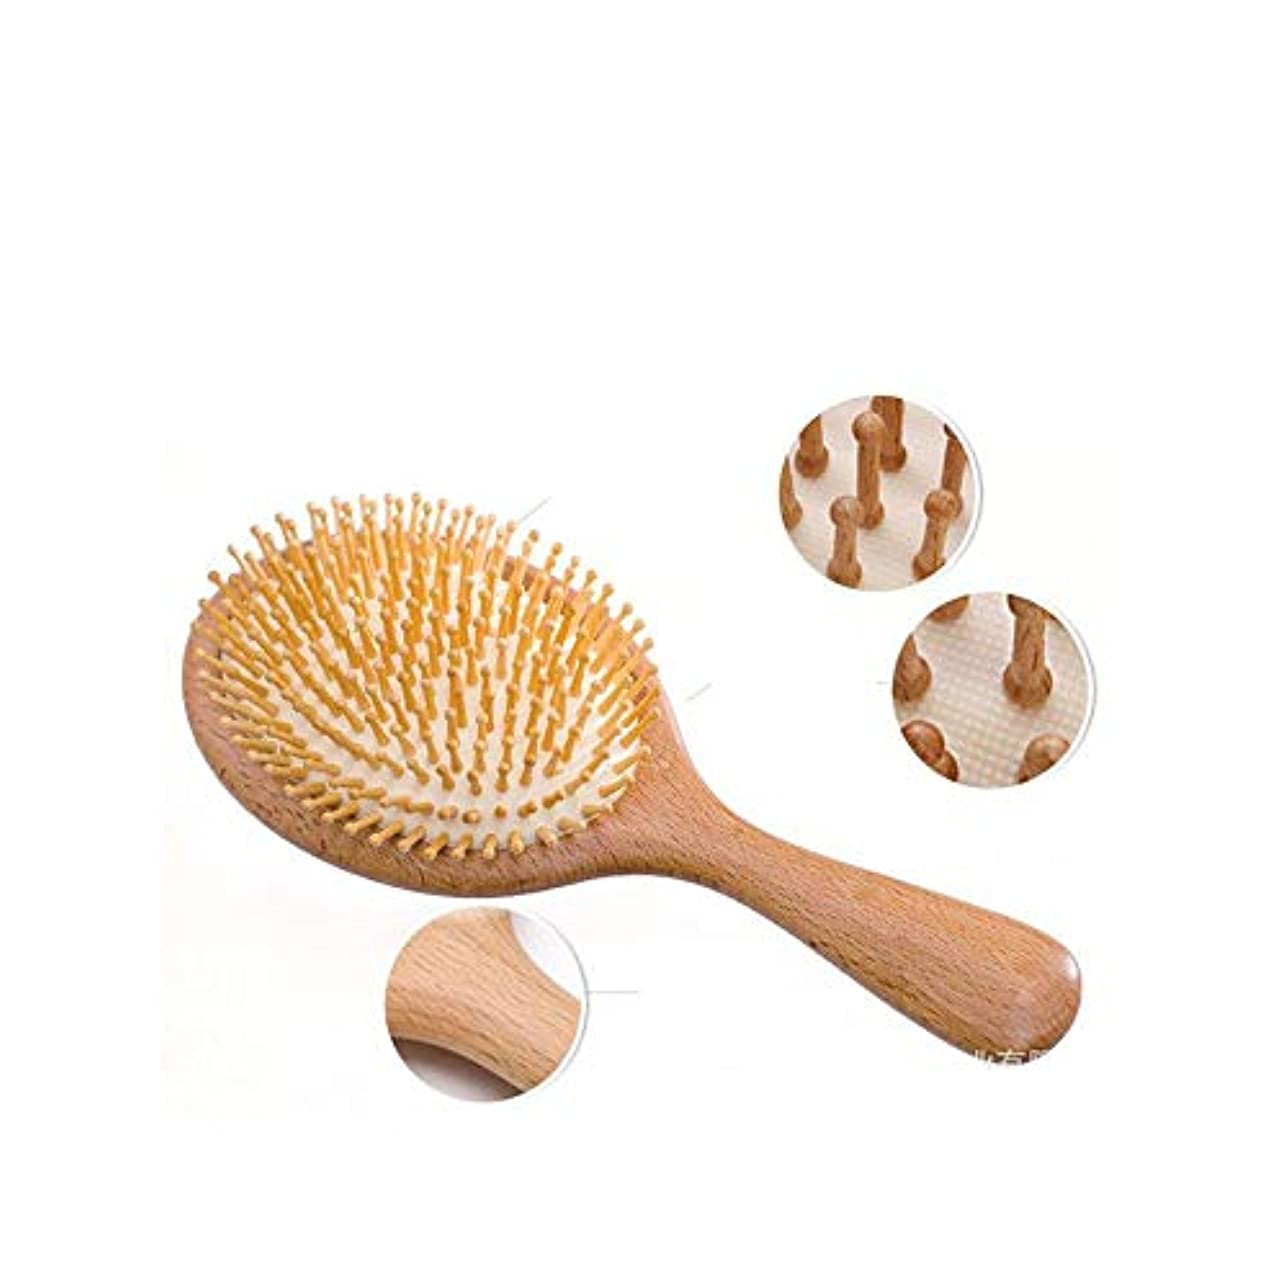 恐ろしいバラバラにする添加Fashianくしヘアブラシ静電気防止マッサージくし、すべての髪のタイプのためのブナの木のくし ヘアケア (色 : Round)